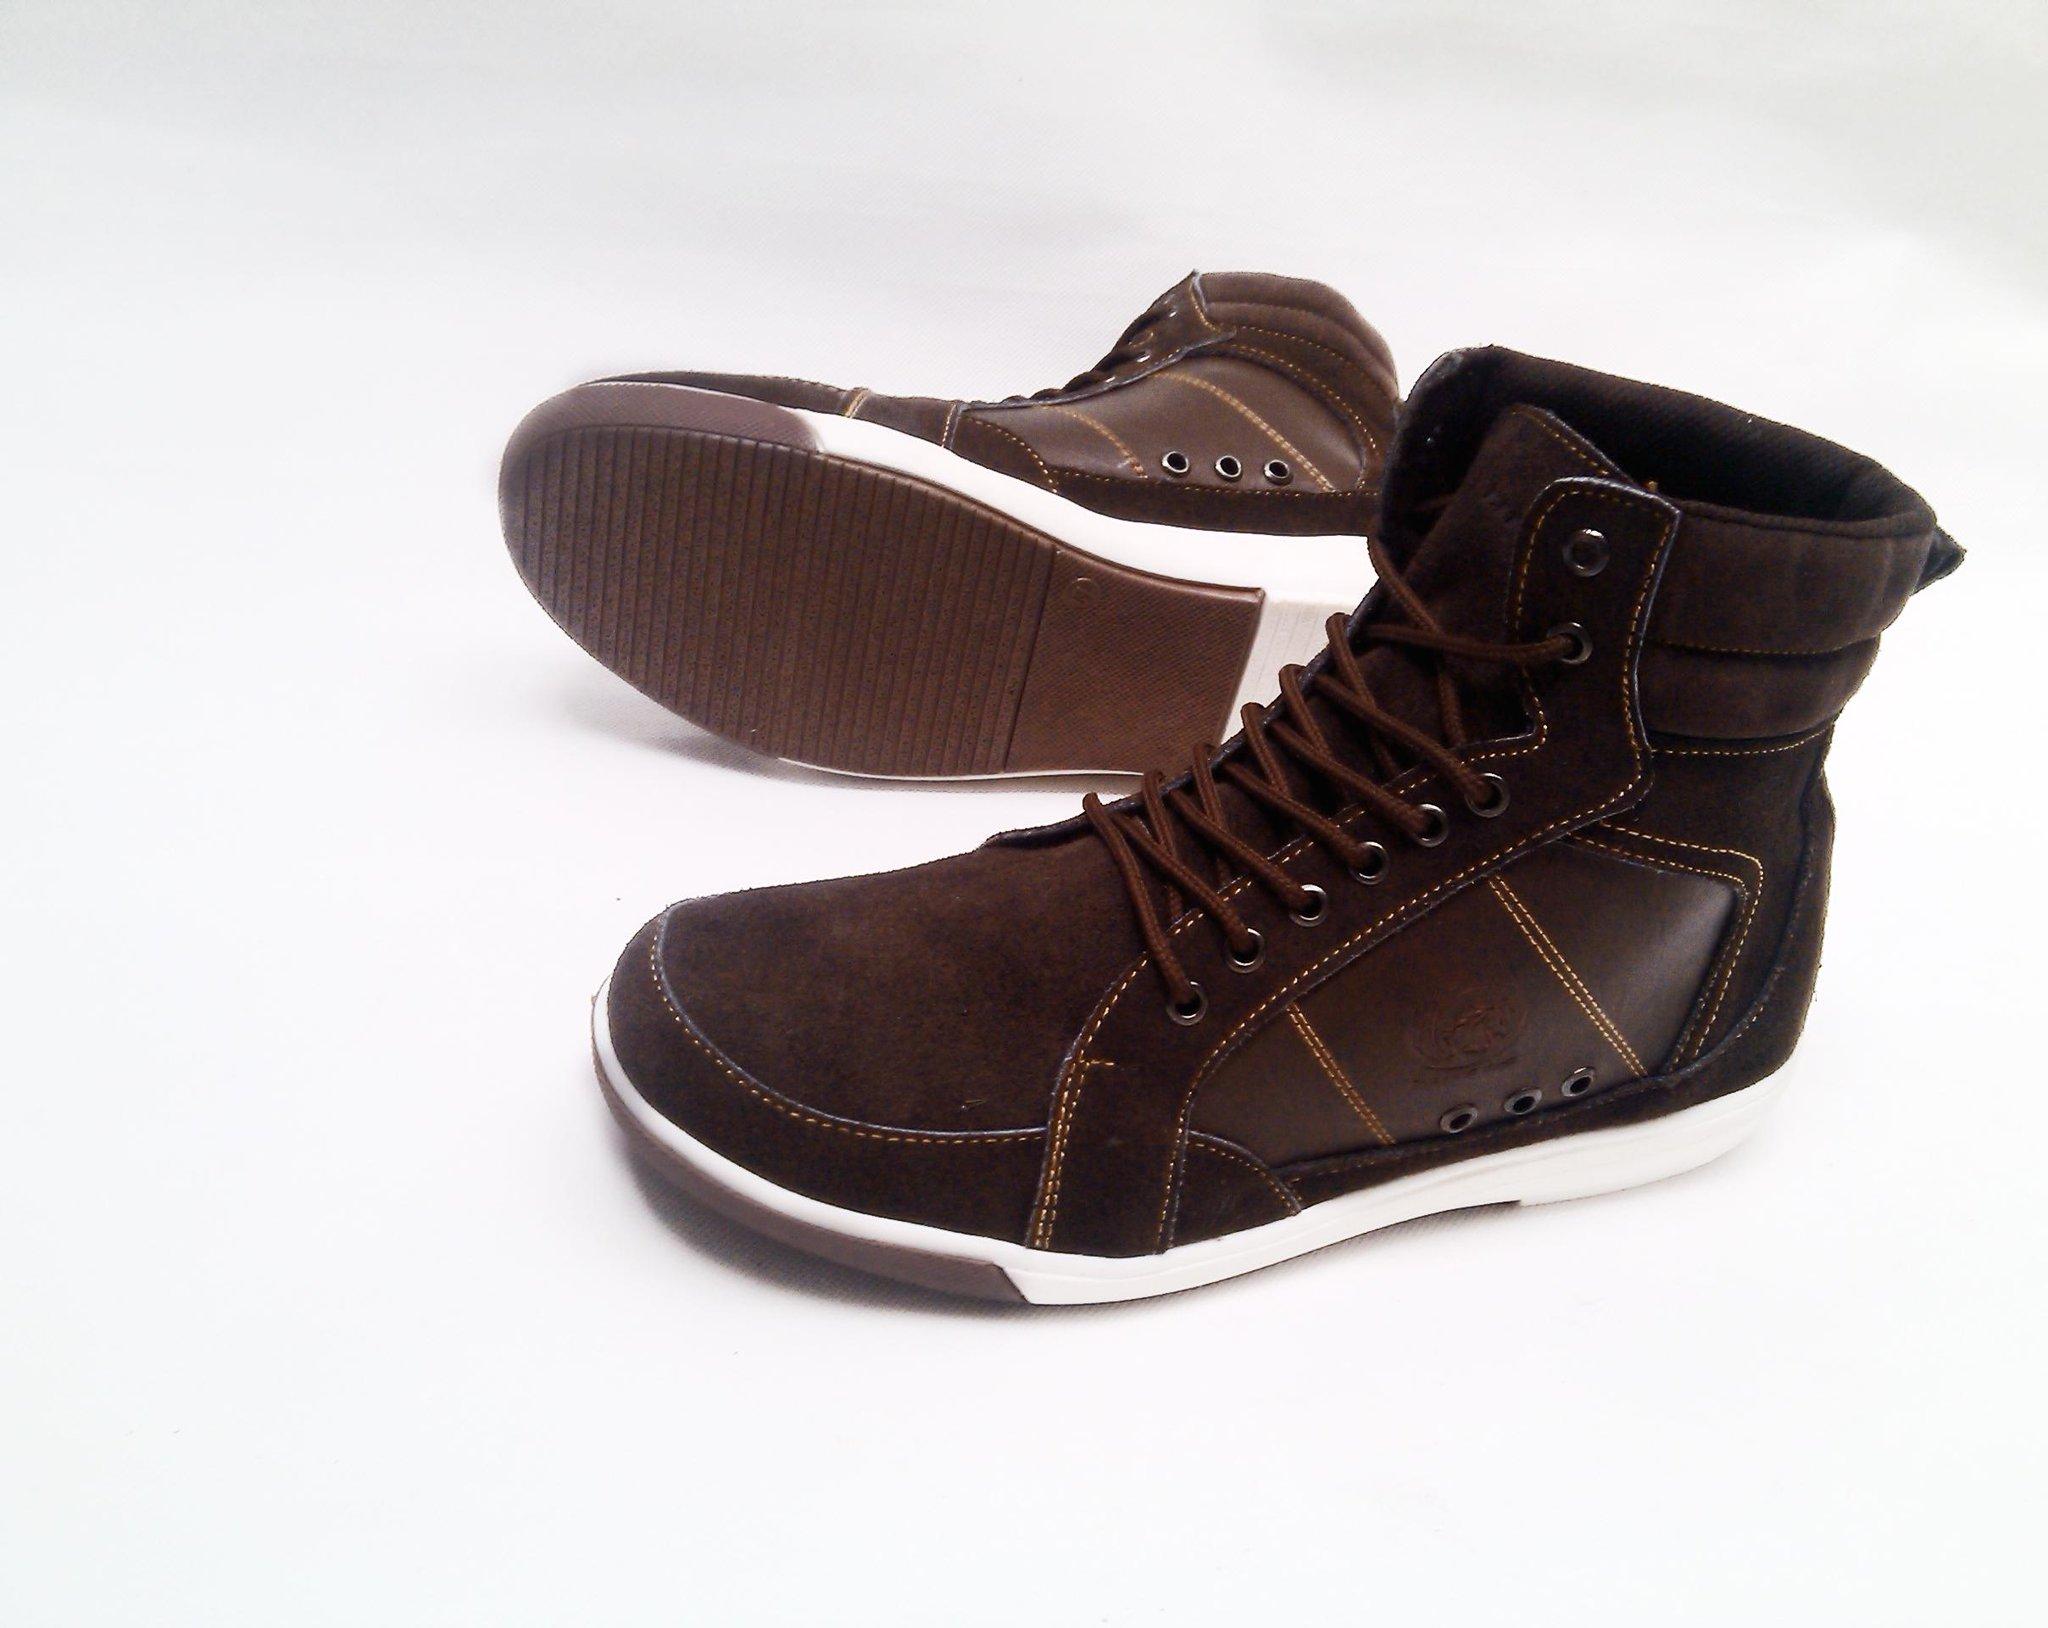 Hrg sepatu sneaker pria bahan kulit suede Rp 250rb http://t.co/4VMmmaAbnQ | #sepatupria99